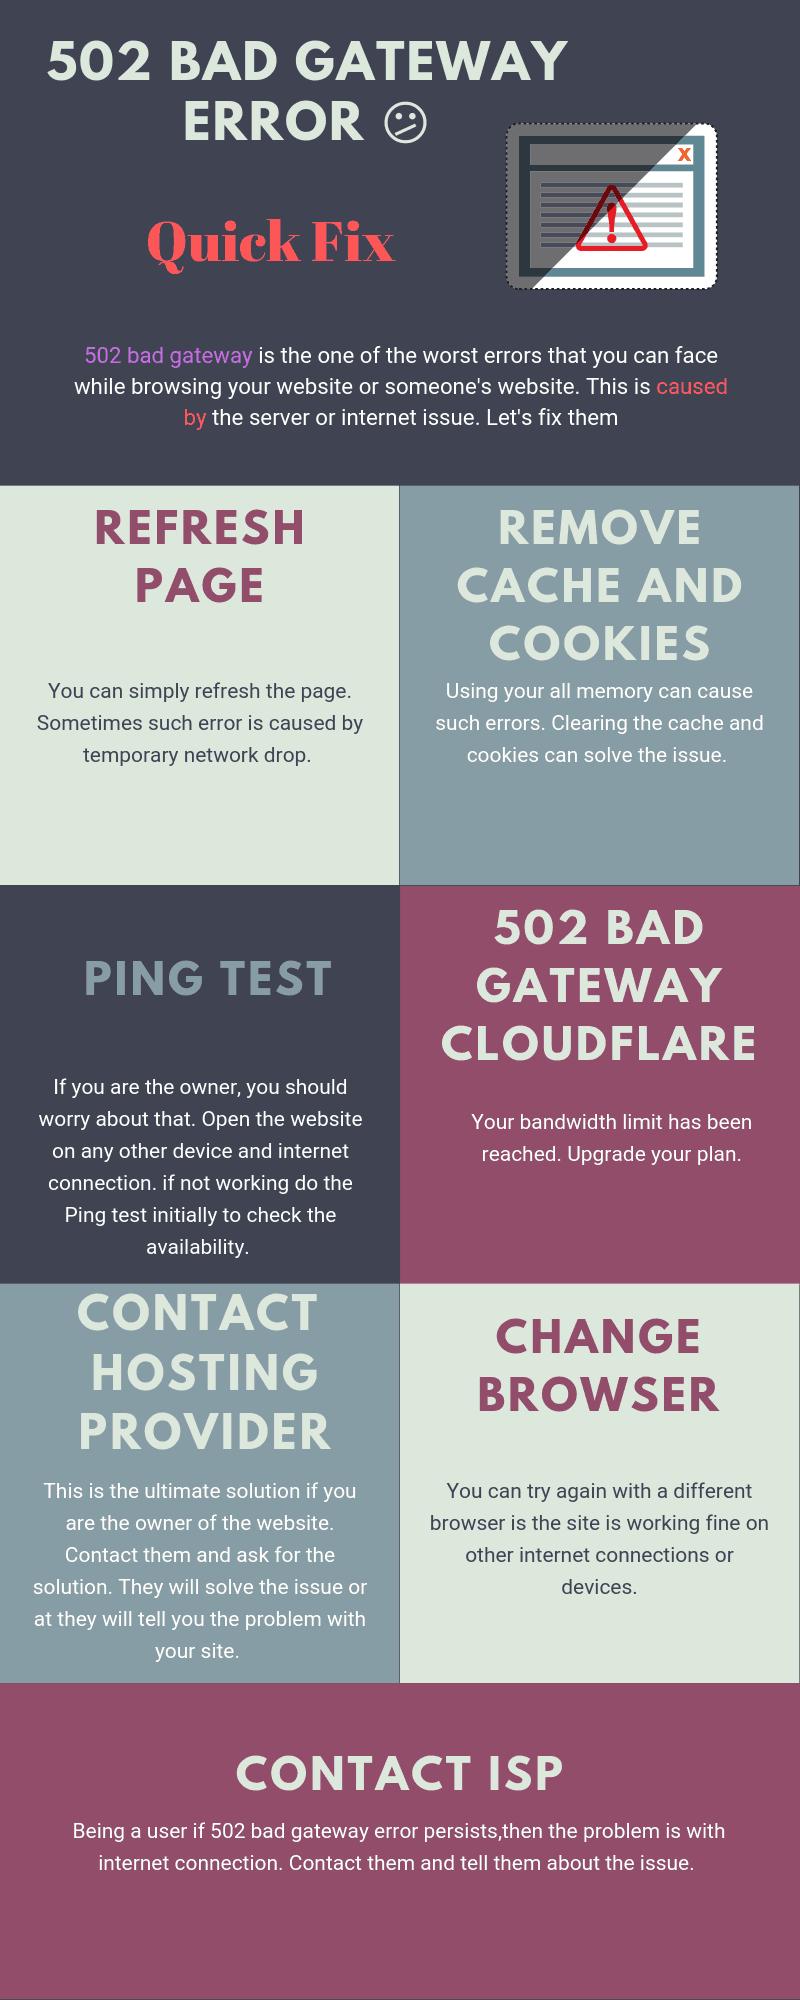 502 Bad Gateway - Quick Fix